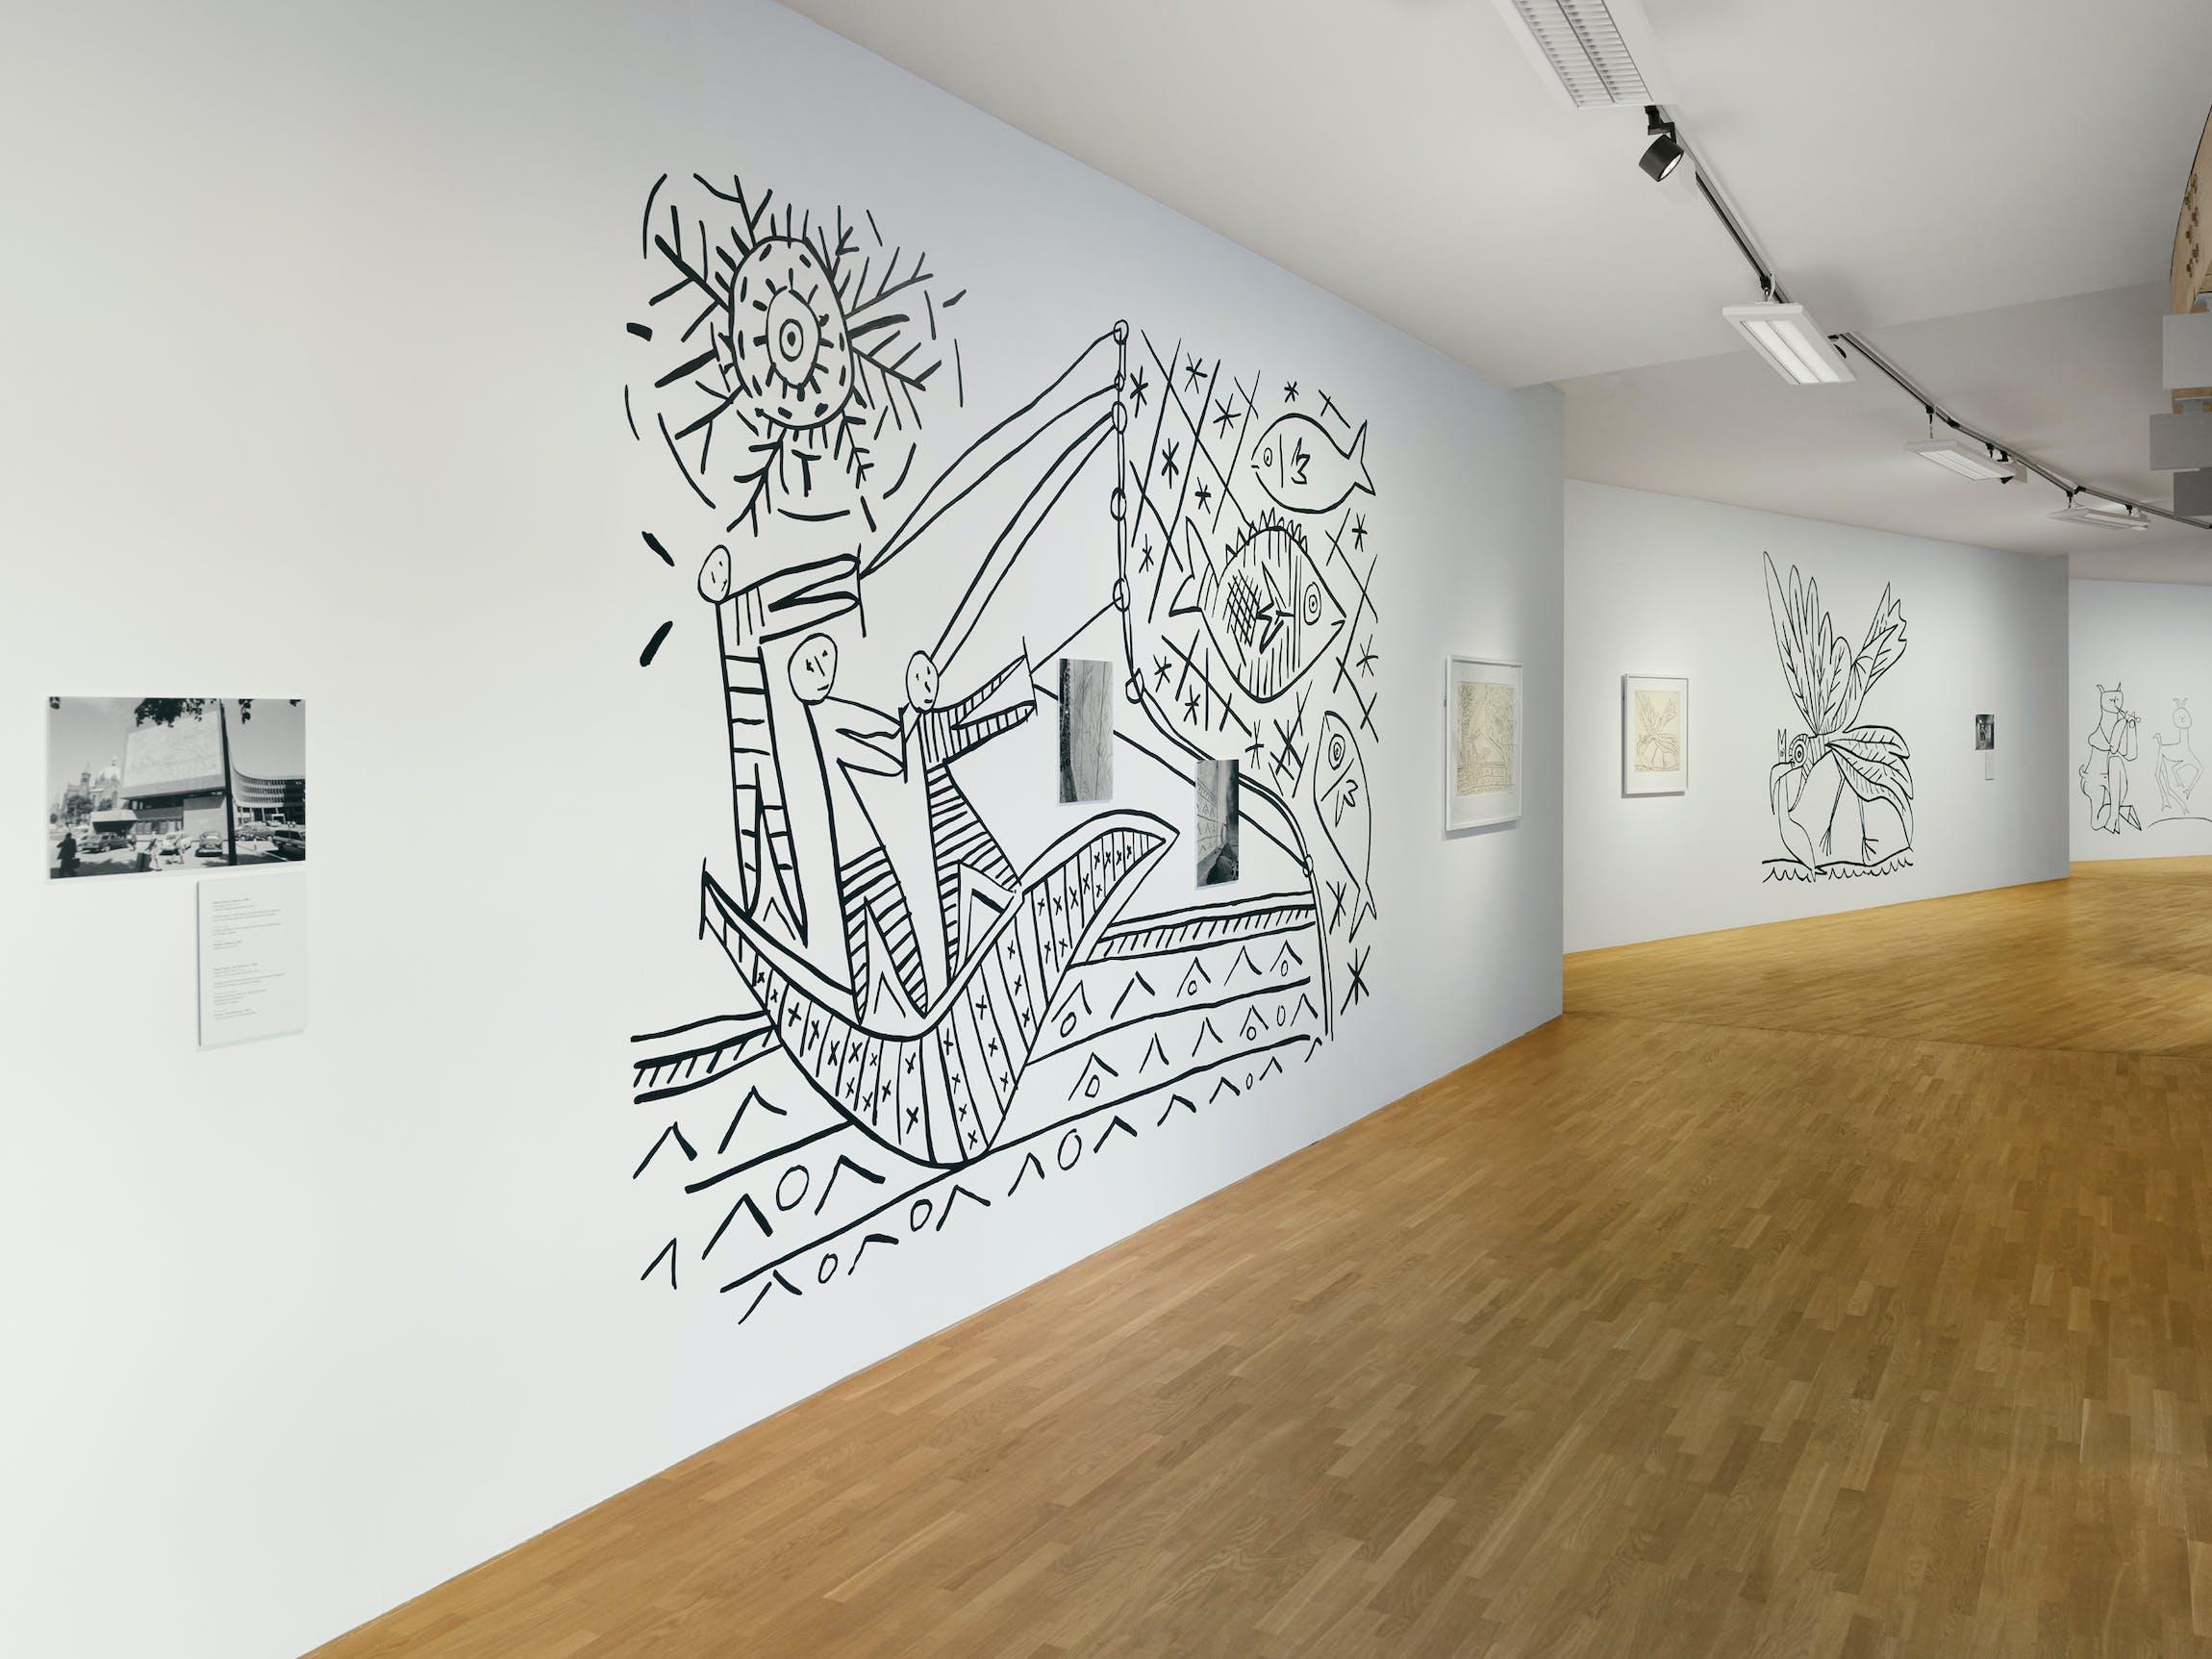 1912 CH HOK Picasso 0235